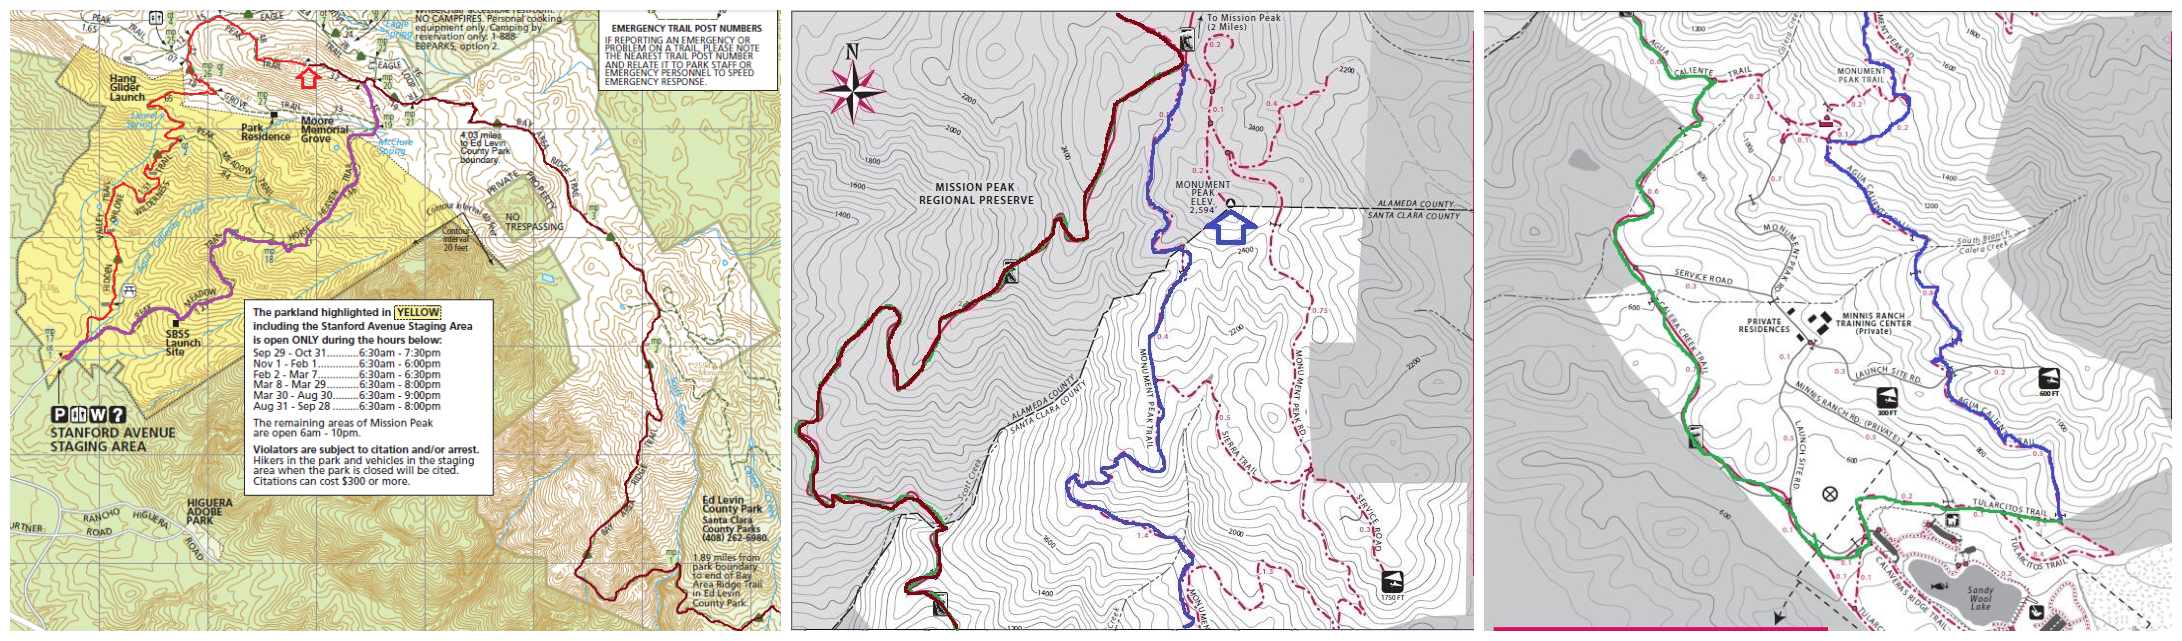 mission peak-Milpitas trail map